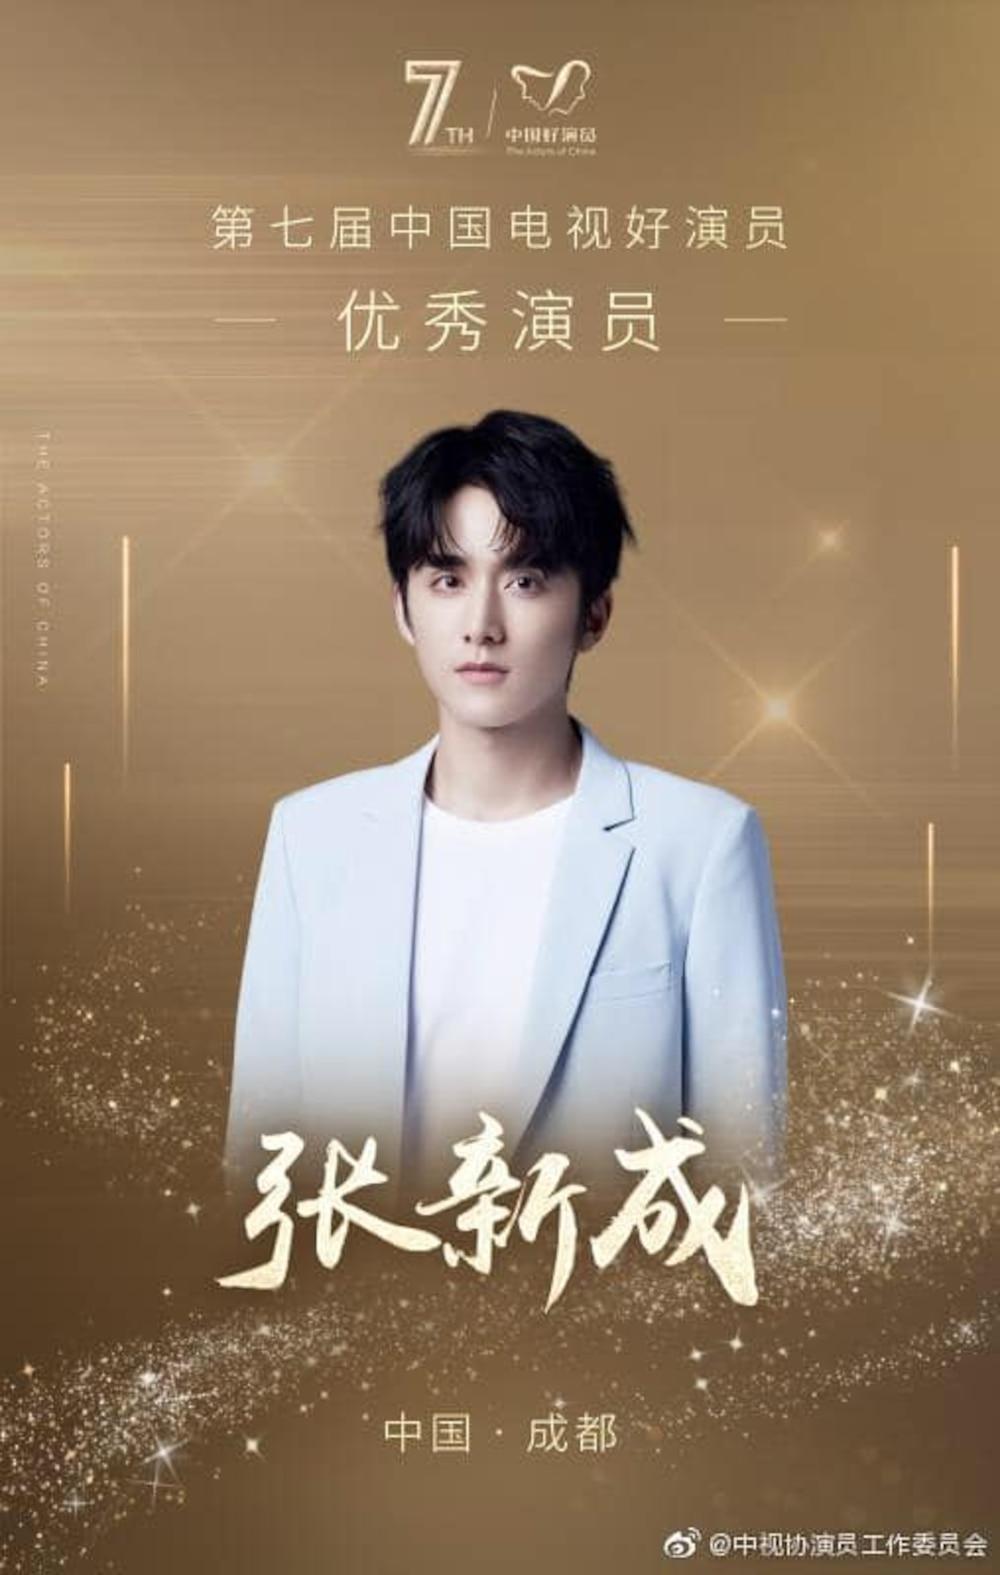 Bảng xếp hạng diễn viên truyền hình xuất sắc: Tiêu Chiến, Vương Nhất Bác, Tống Uy Long đều không có tên 2